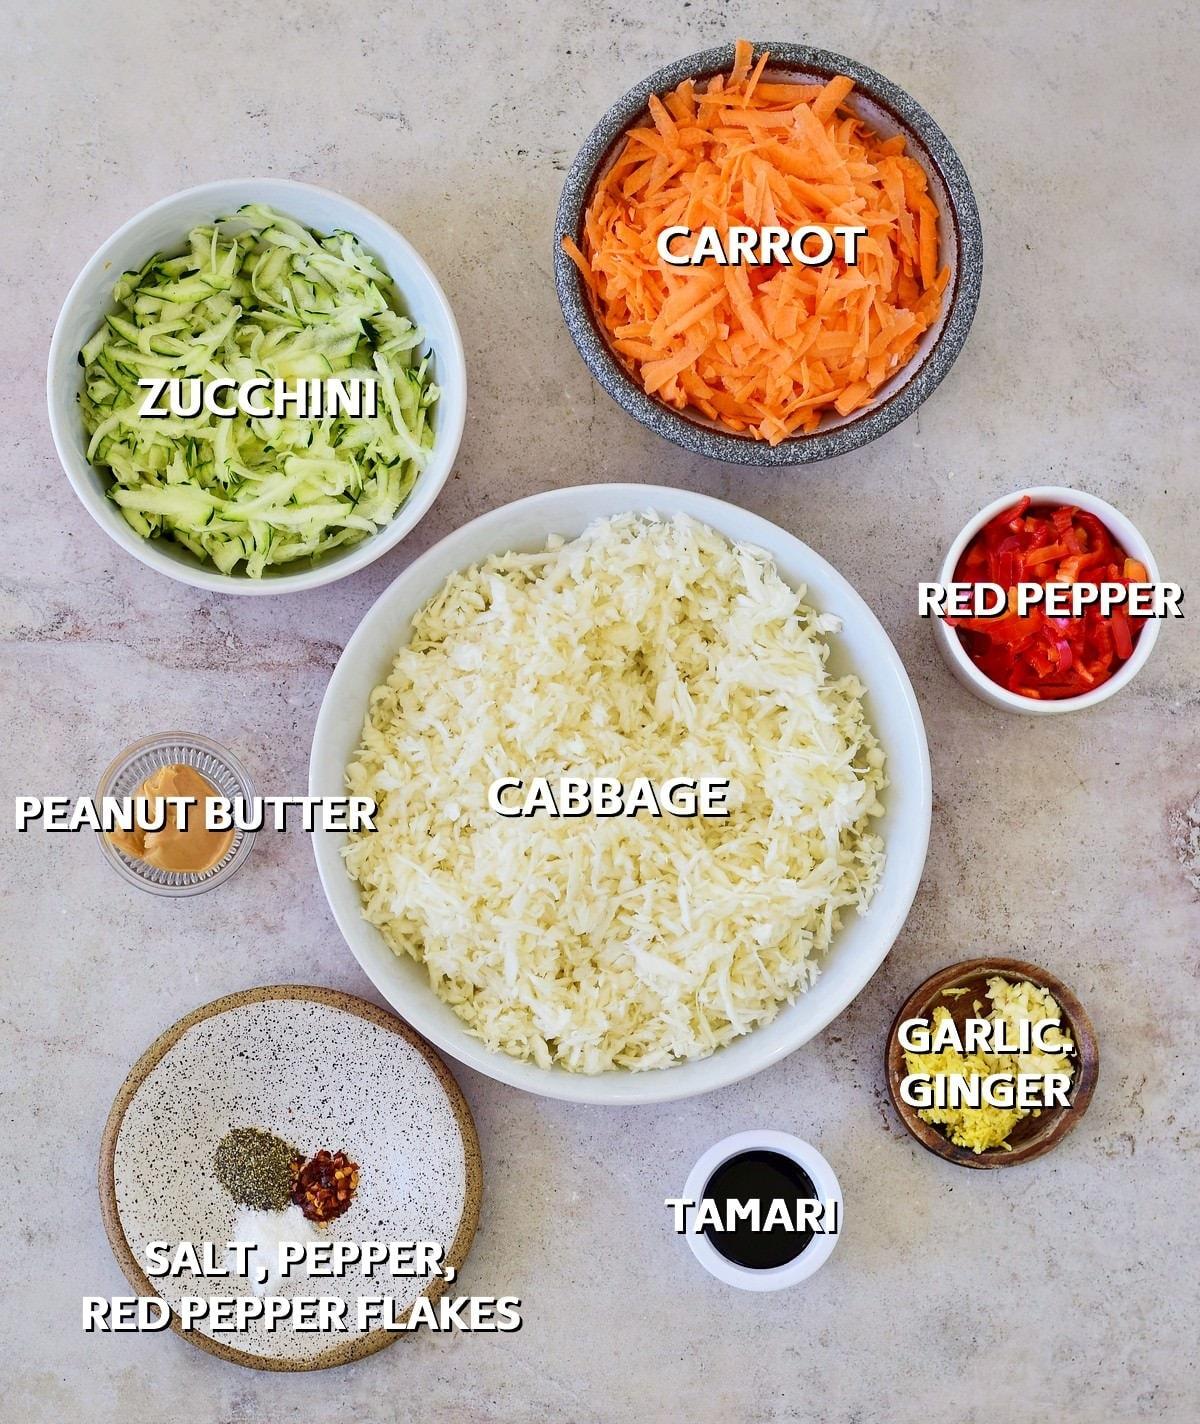 Ingredients for vegetable dumplings